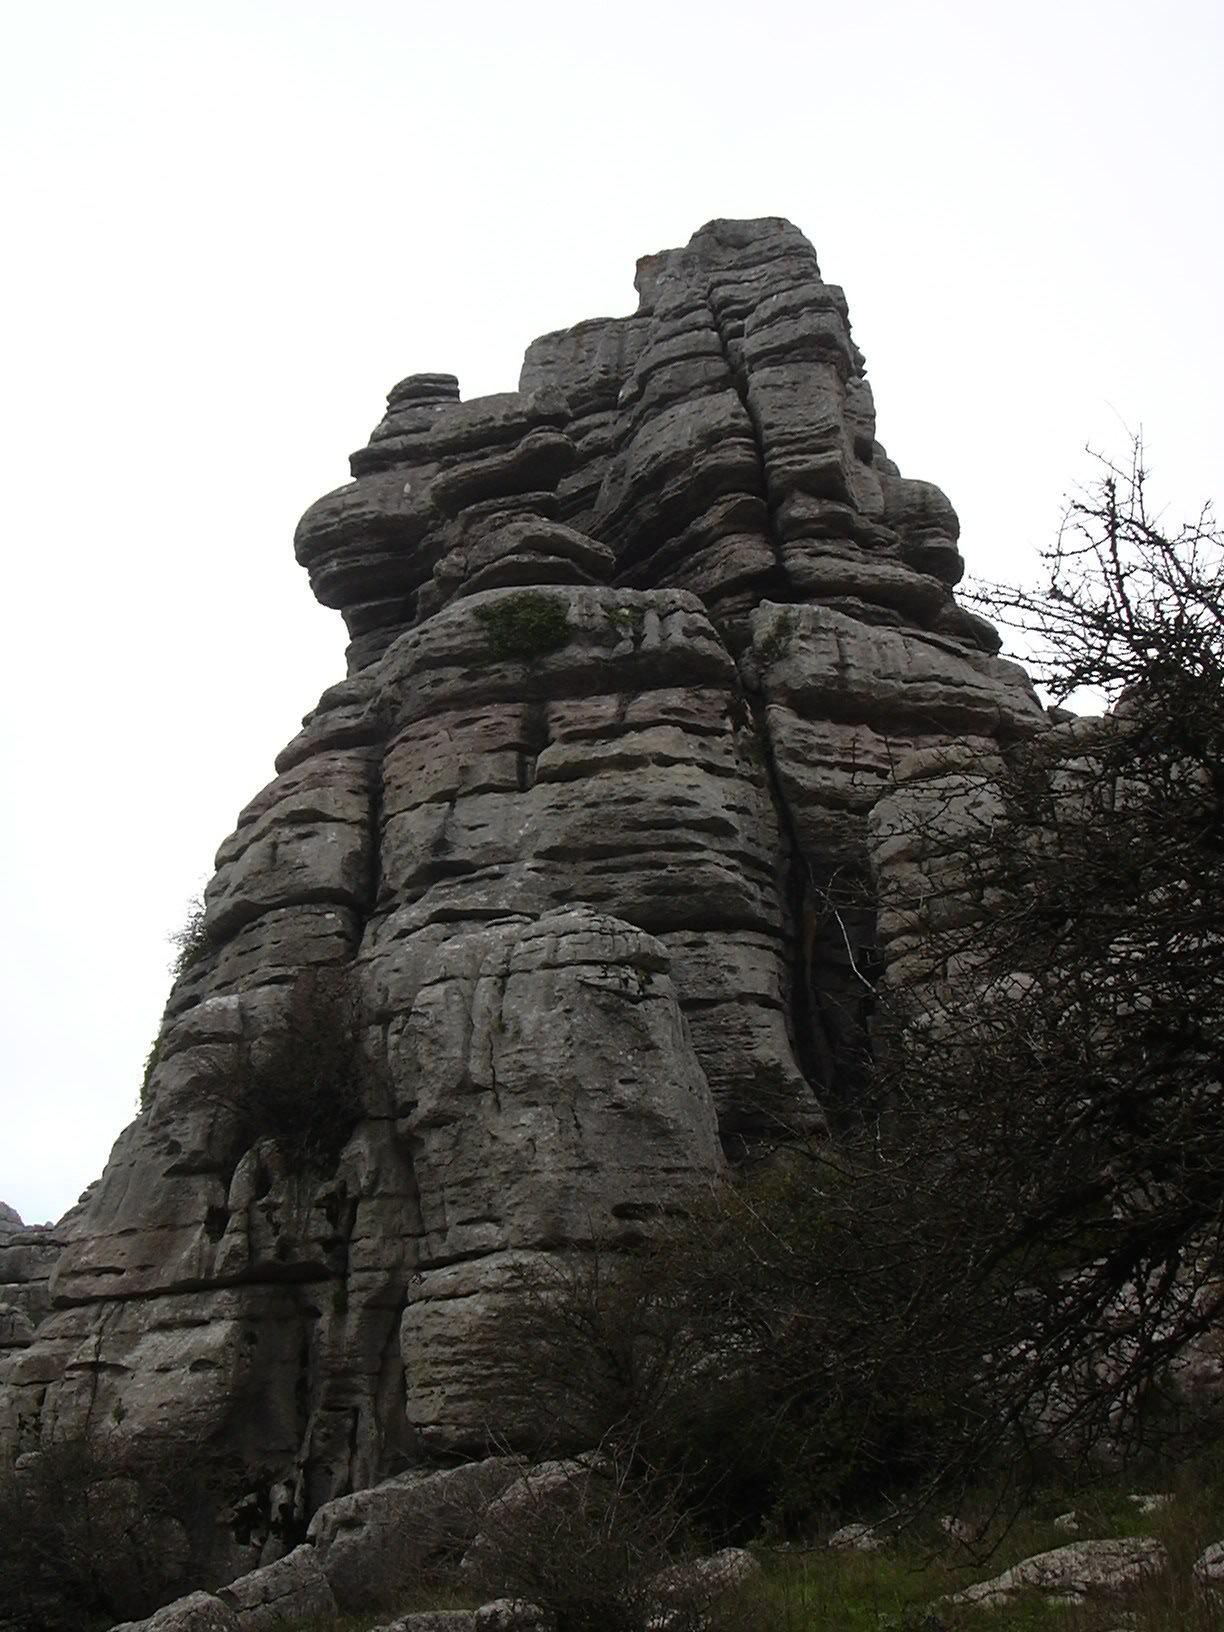 El Torcal rocks overview